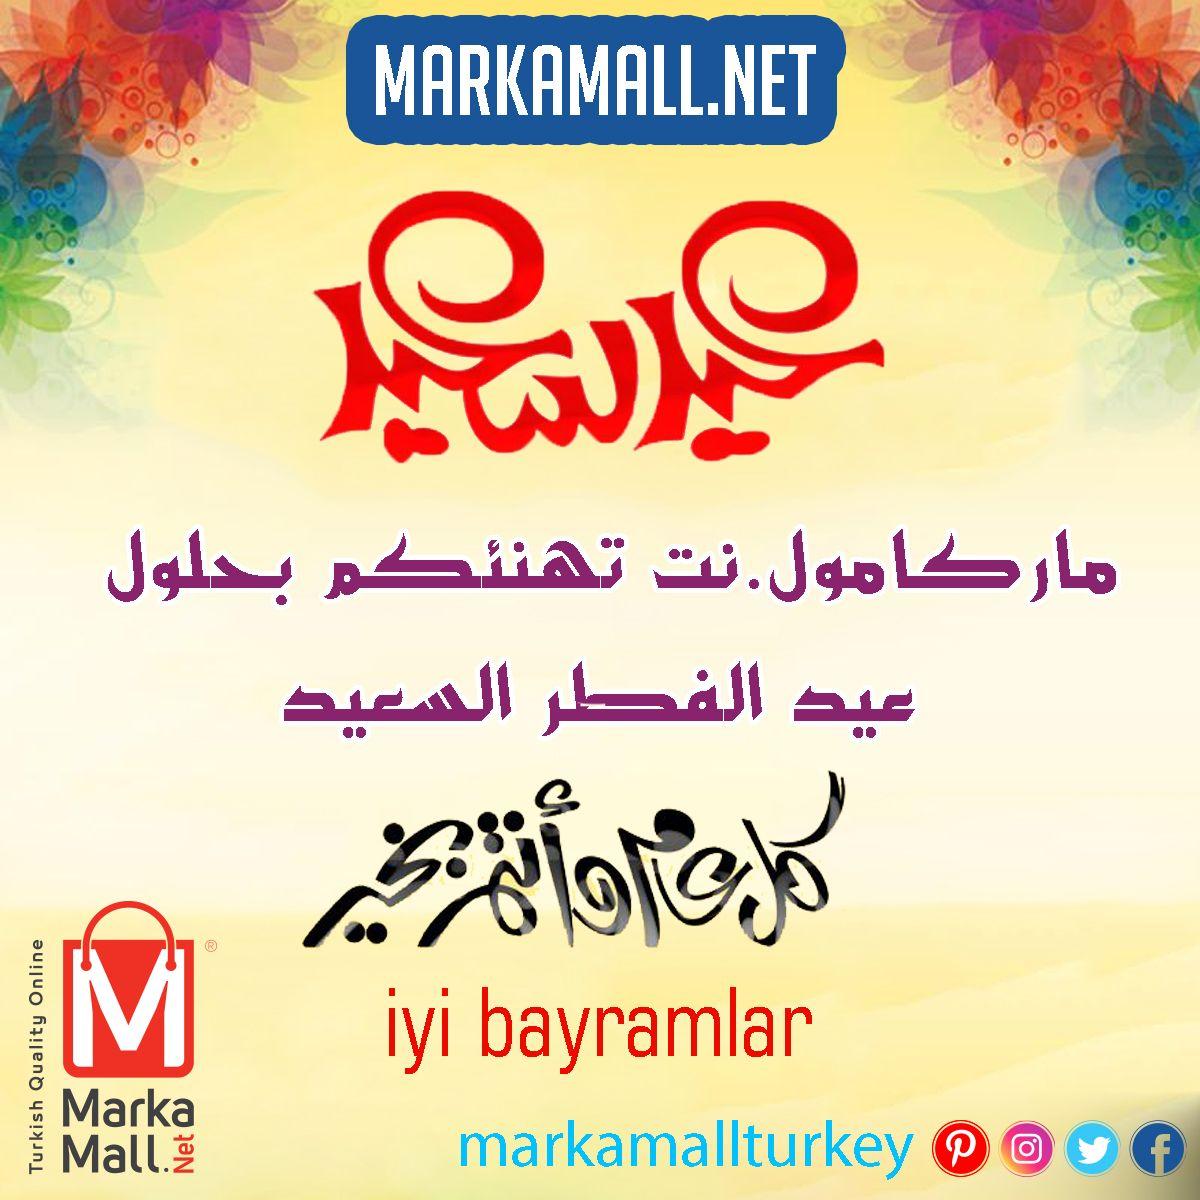 عيد سعيد ماركا مول نت تهنئكم بحلول عيد الفطر السعيد كل عام وأنتم بخير Iyi Bayramlar Markamallturkey لانجري تركي ملابس تركي لانجري لانجريات Beste